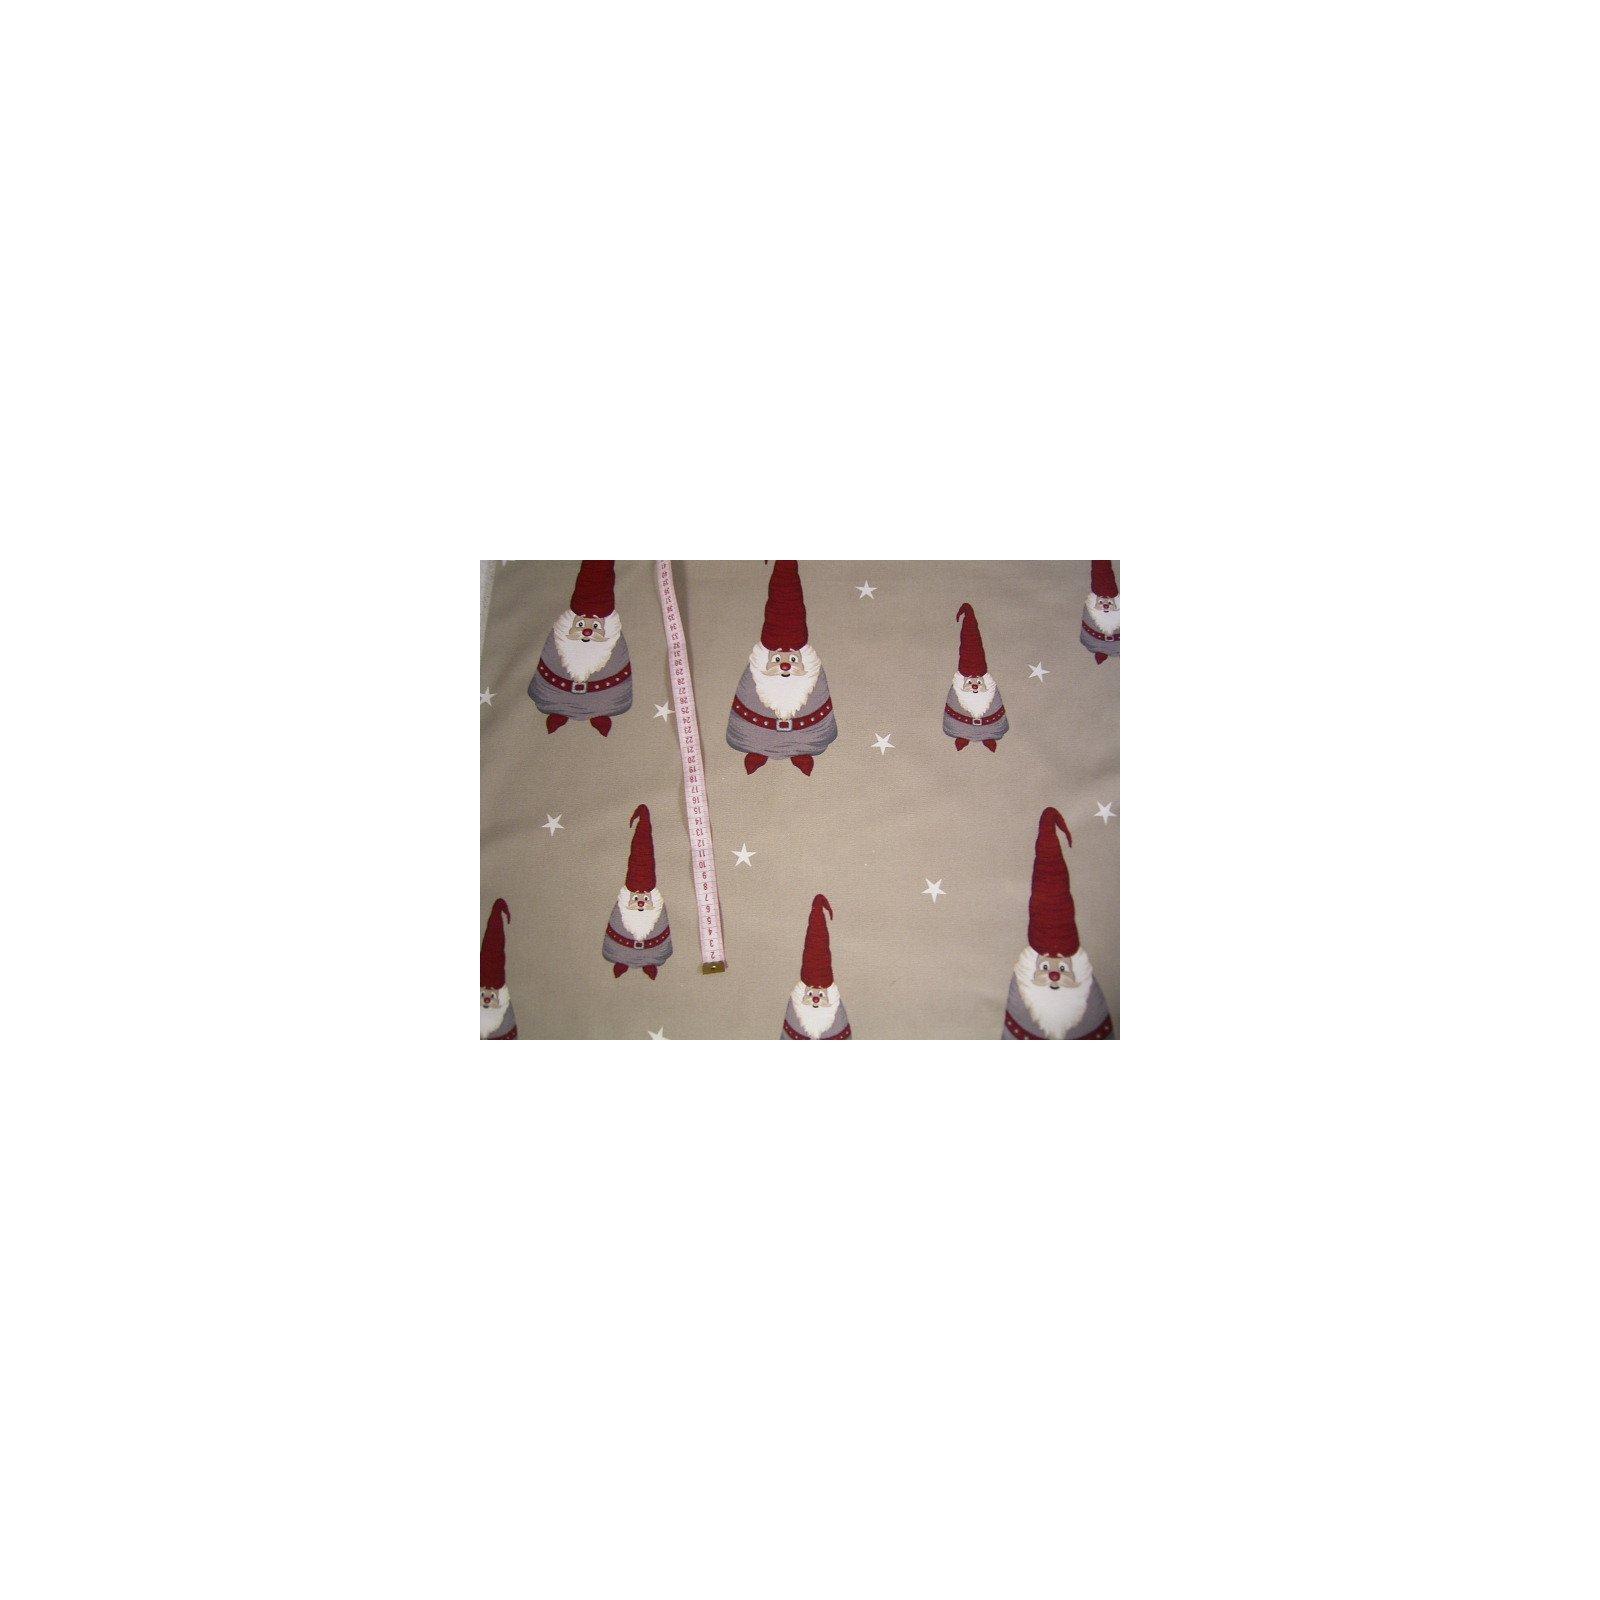 Weihnachts stoff beige mit wichtel sterne 140cm breit for Weihnachts scheibengardinen